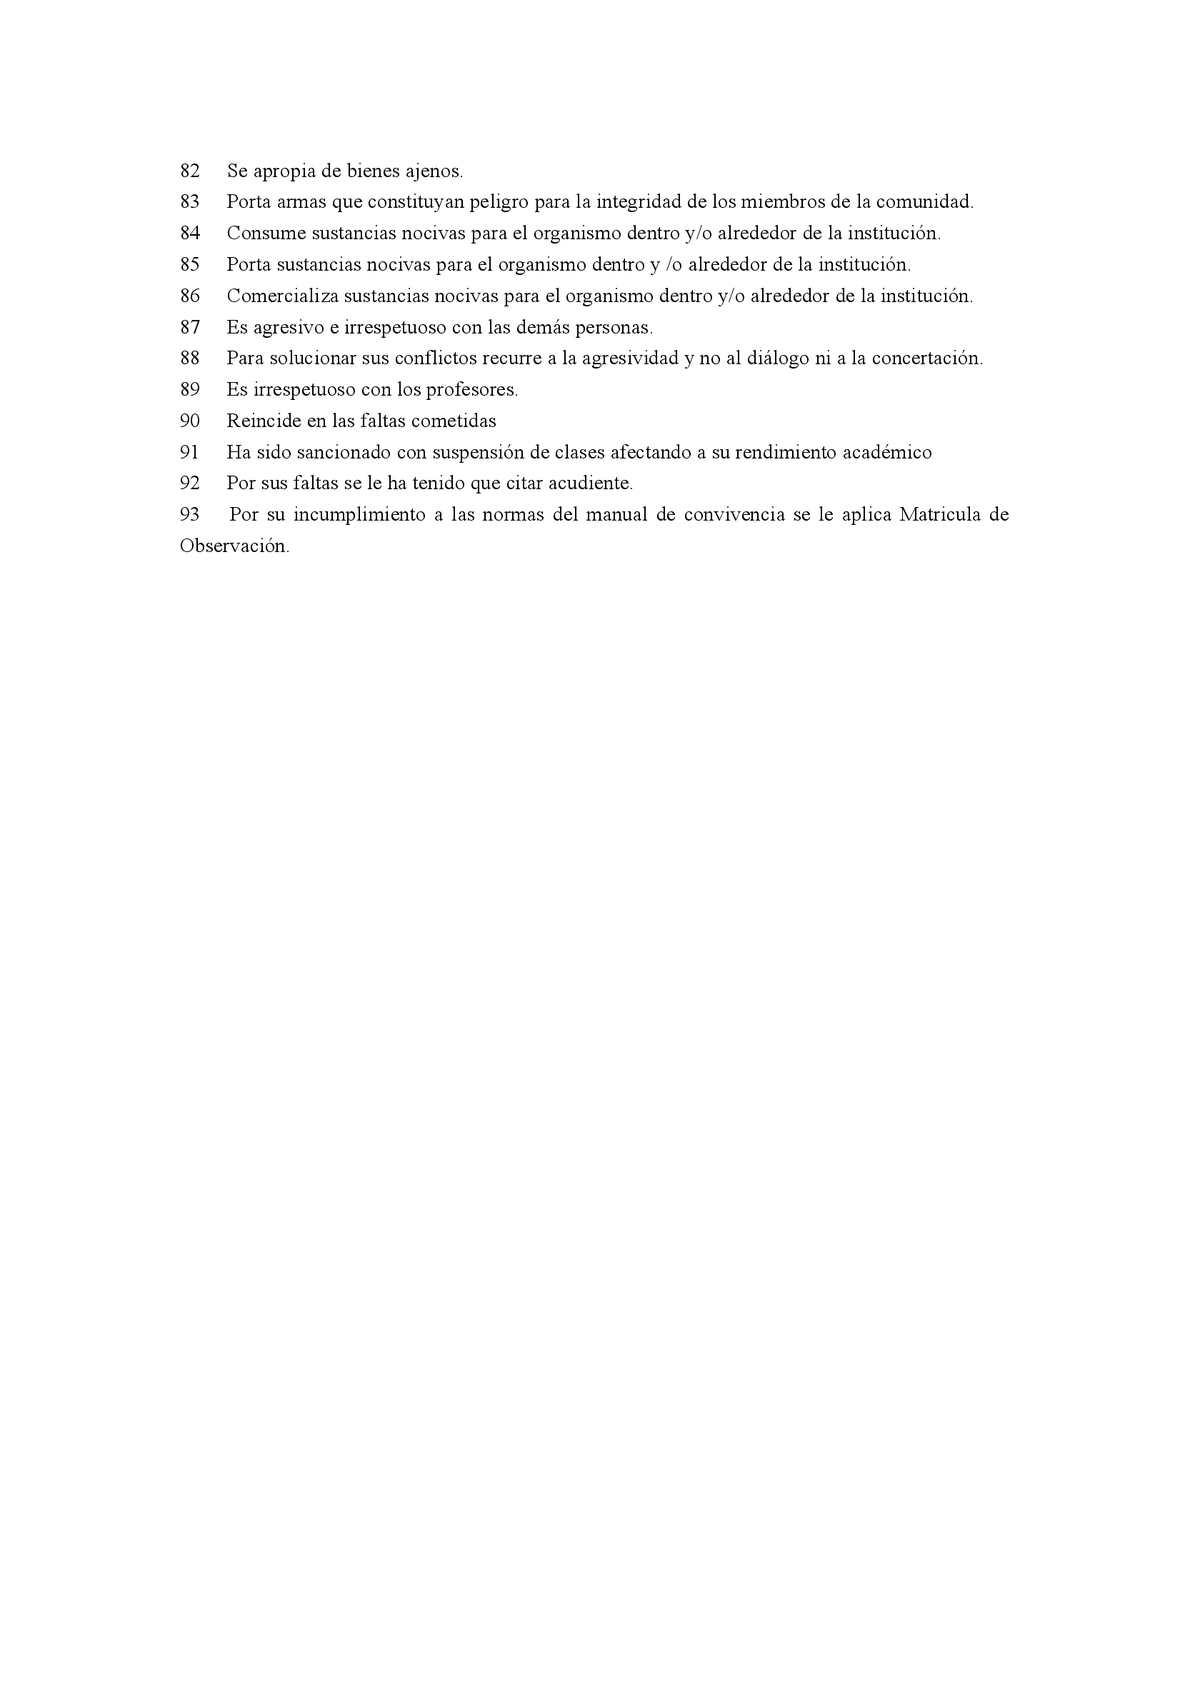 Frases De Convivencia Calameo Downloader